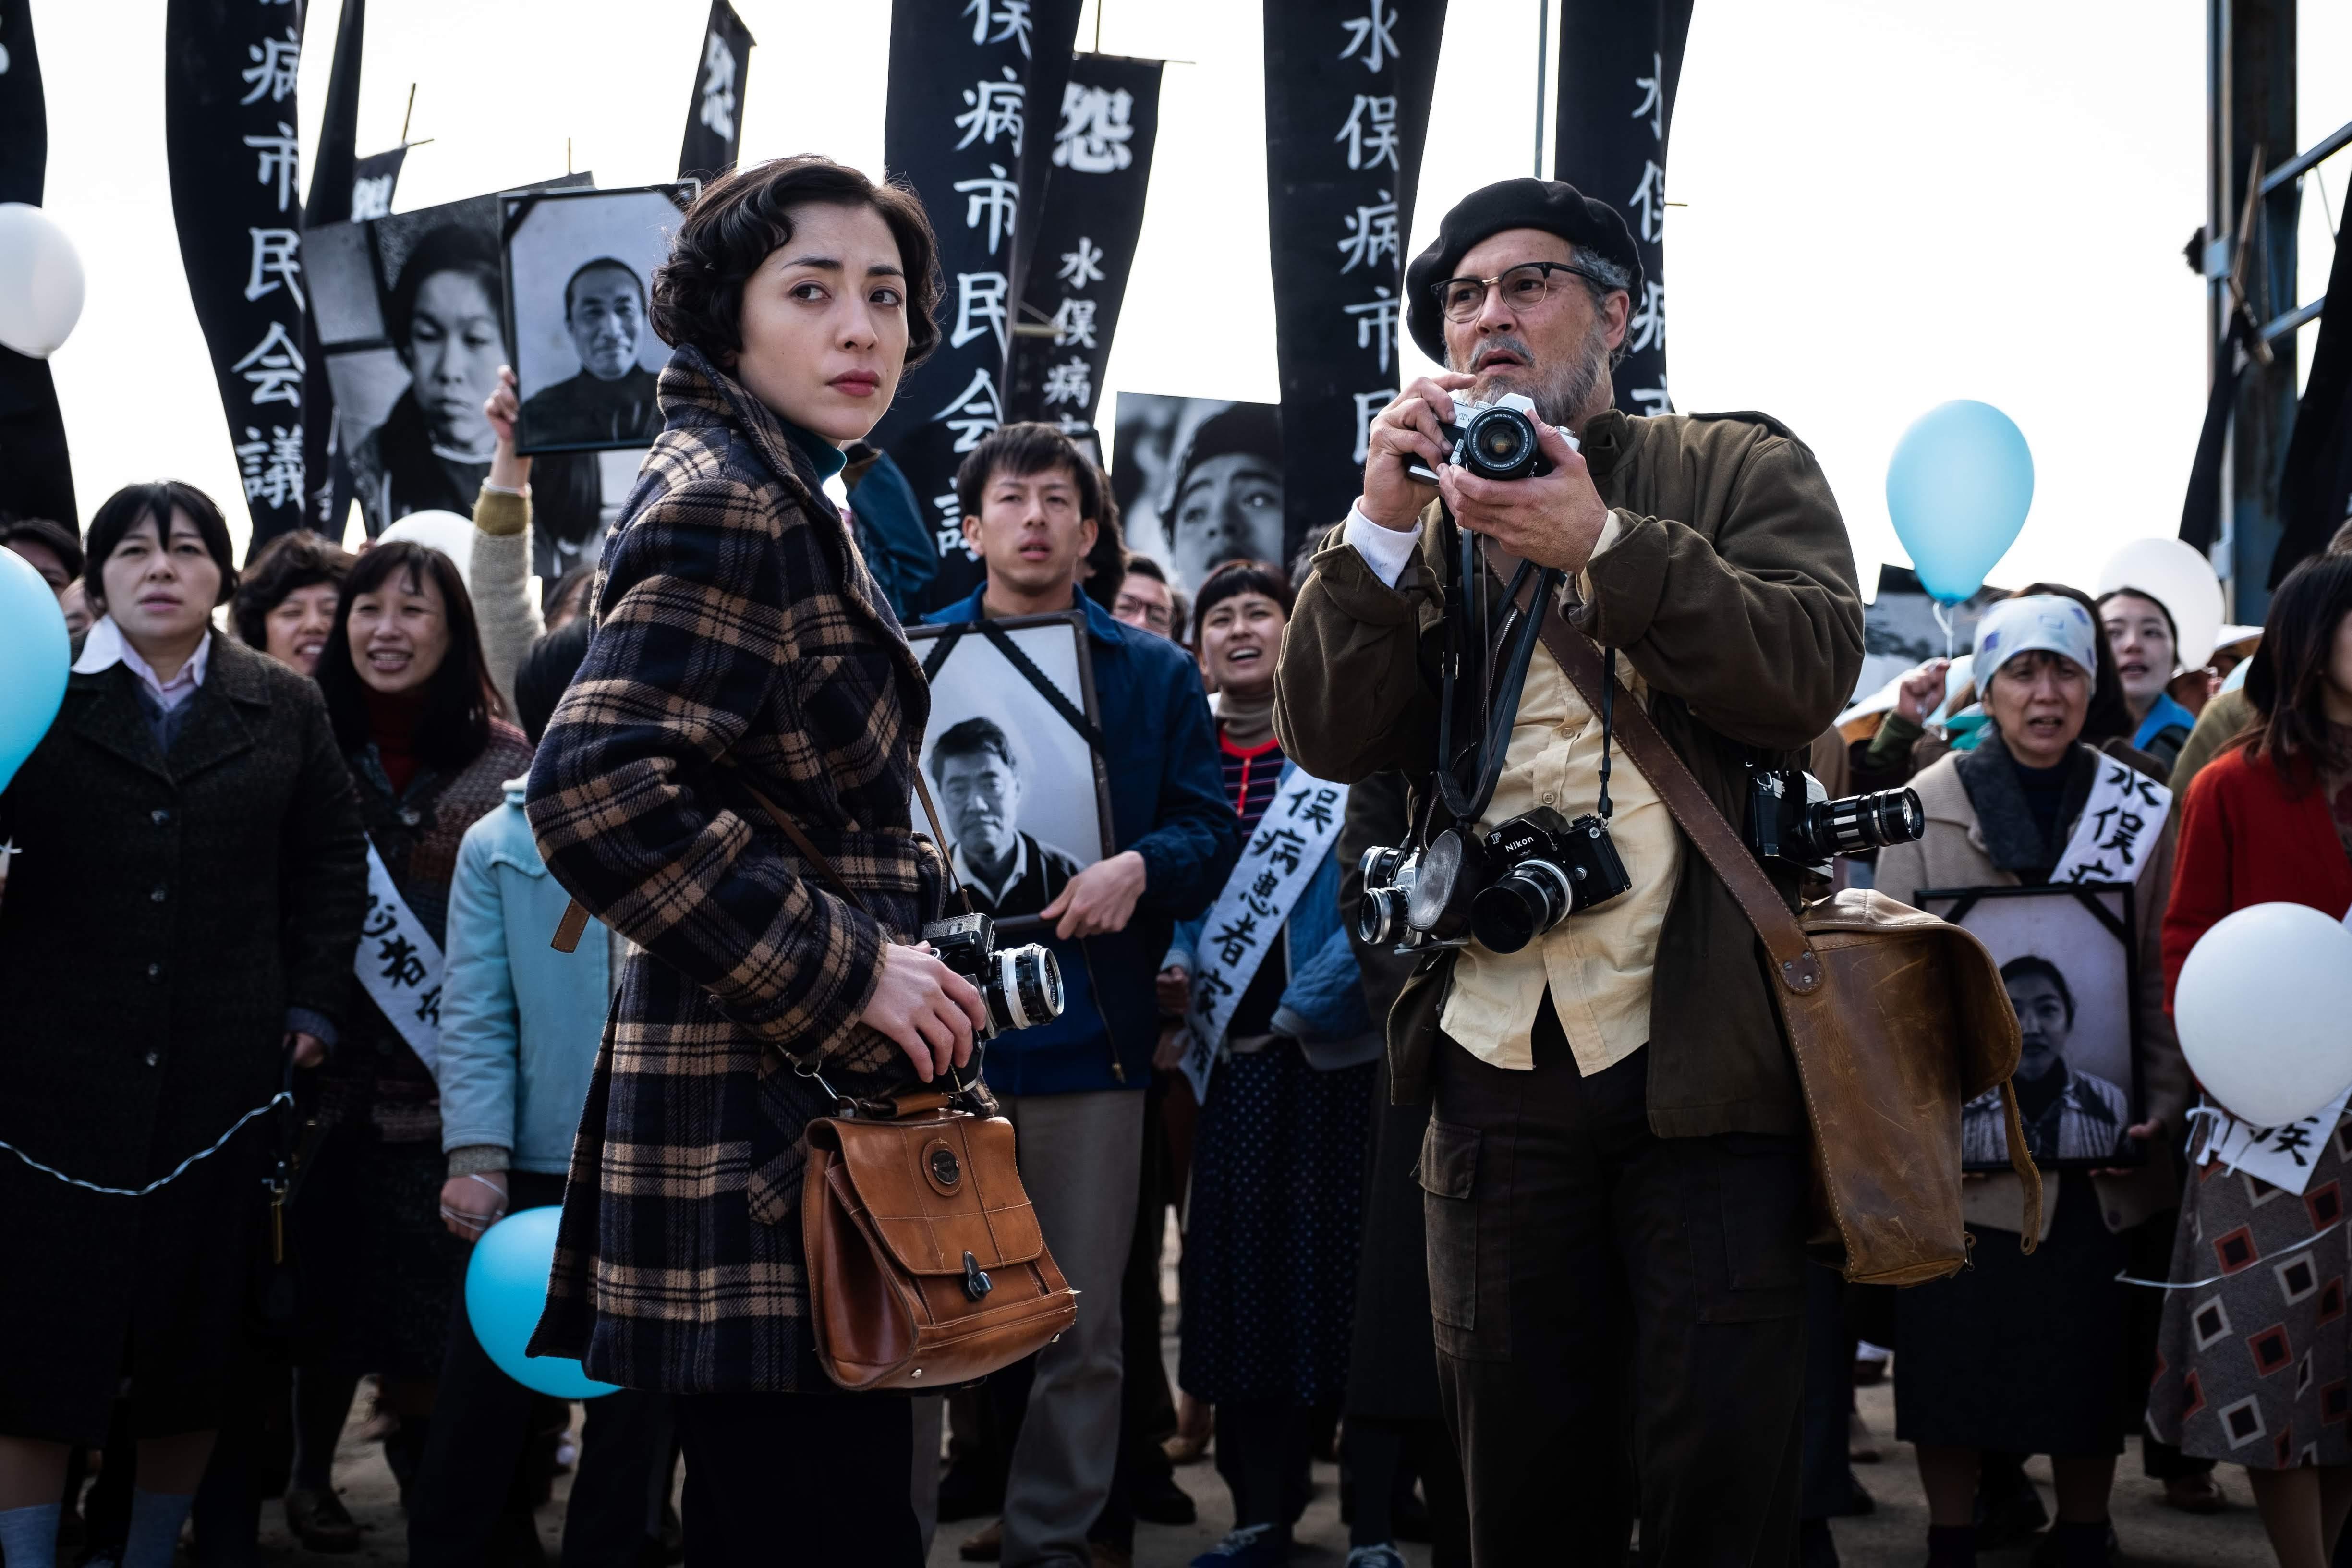 Minamata : 真田広之さんとジョニー・デップ共演の昭和の日本が舞台の問題作「水俣」のシュールなポスター ! !